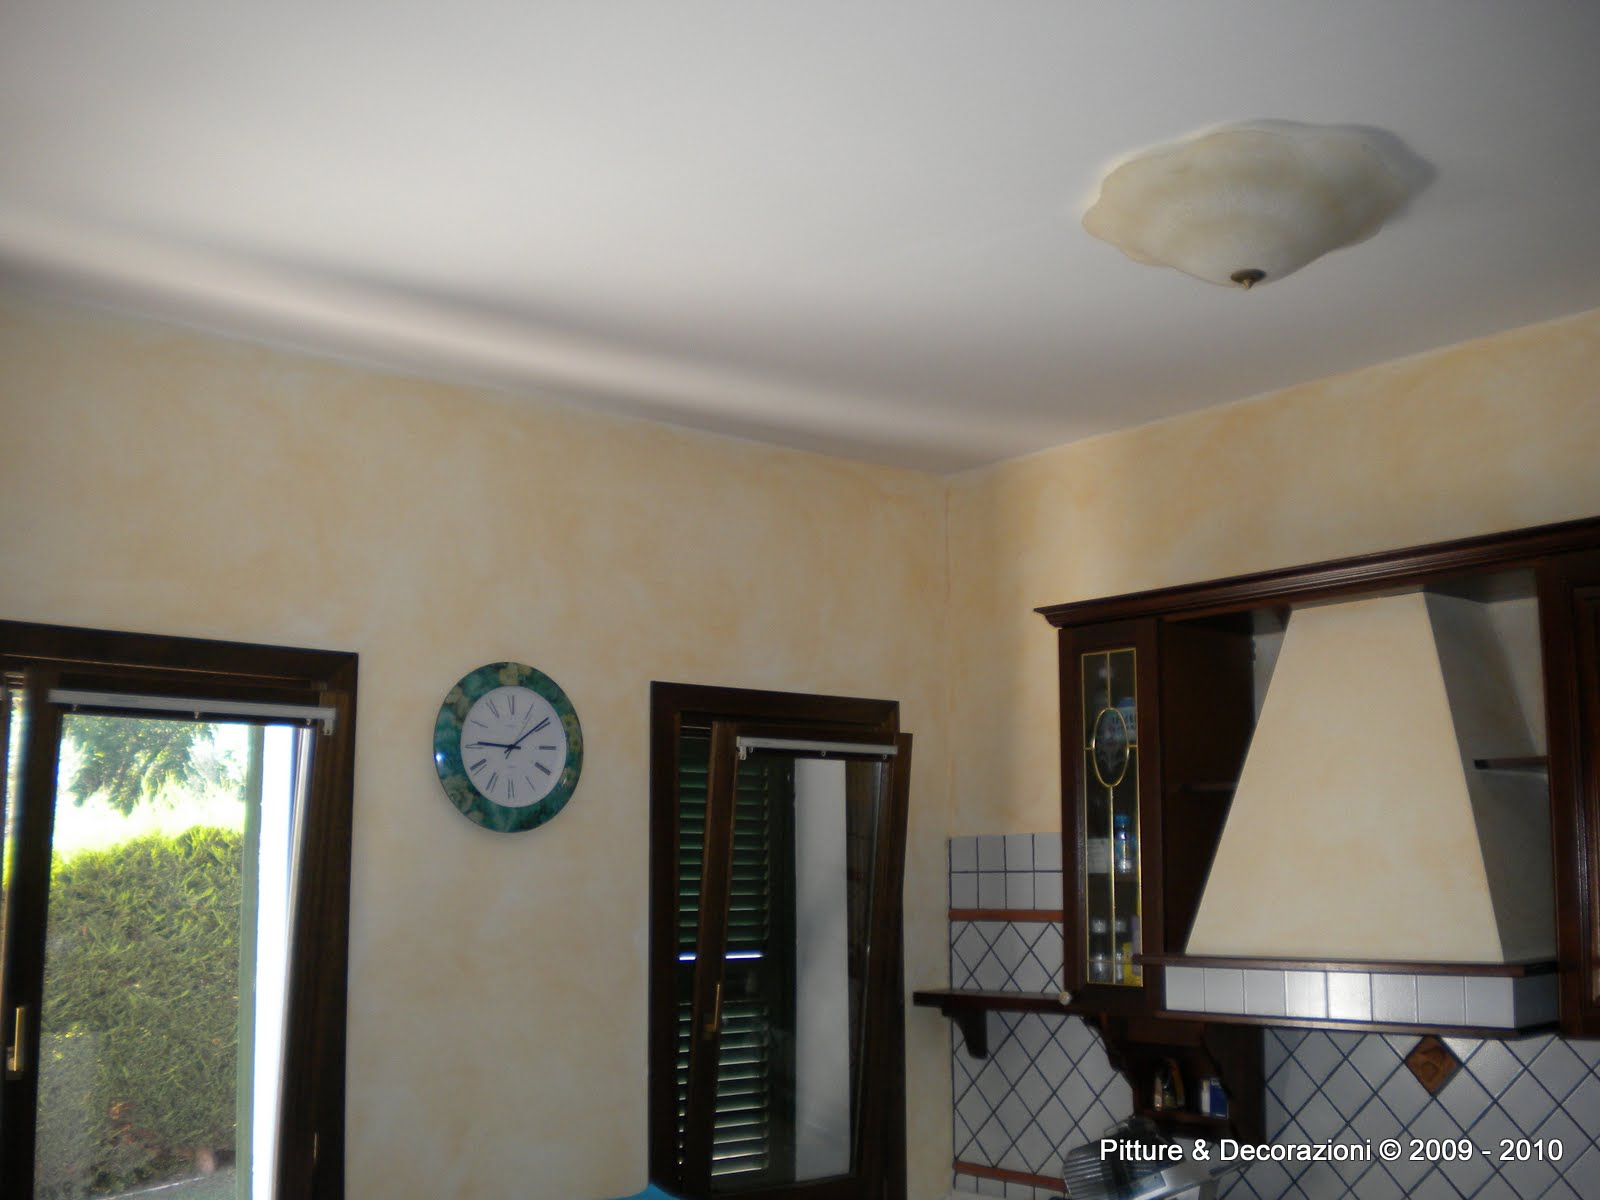 Pitture decorazioni la casa dei sogni giorgio graesan for Blog decorazione interni